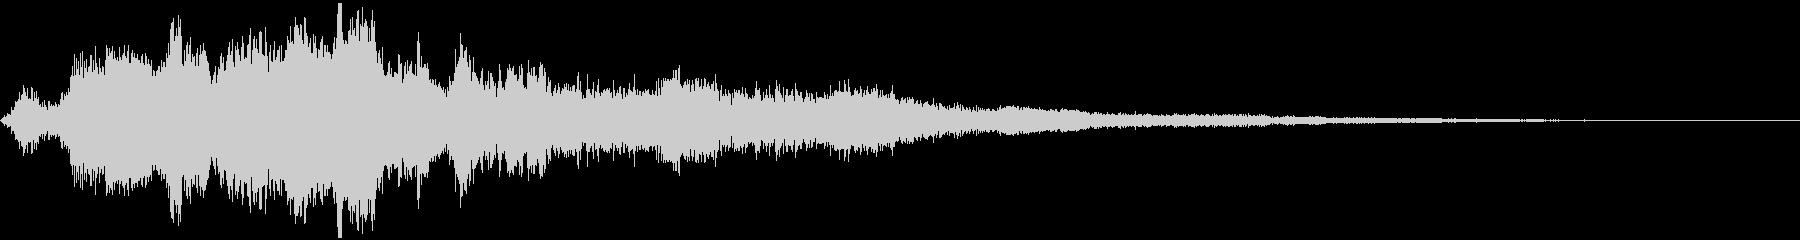 ケンタウルスのロゴ2の未再生の波形